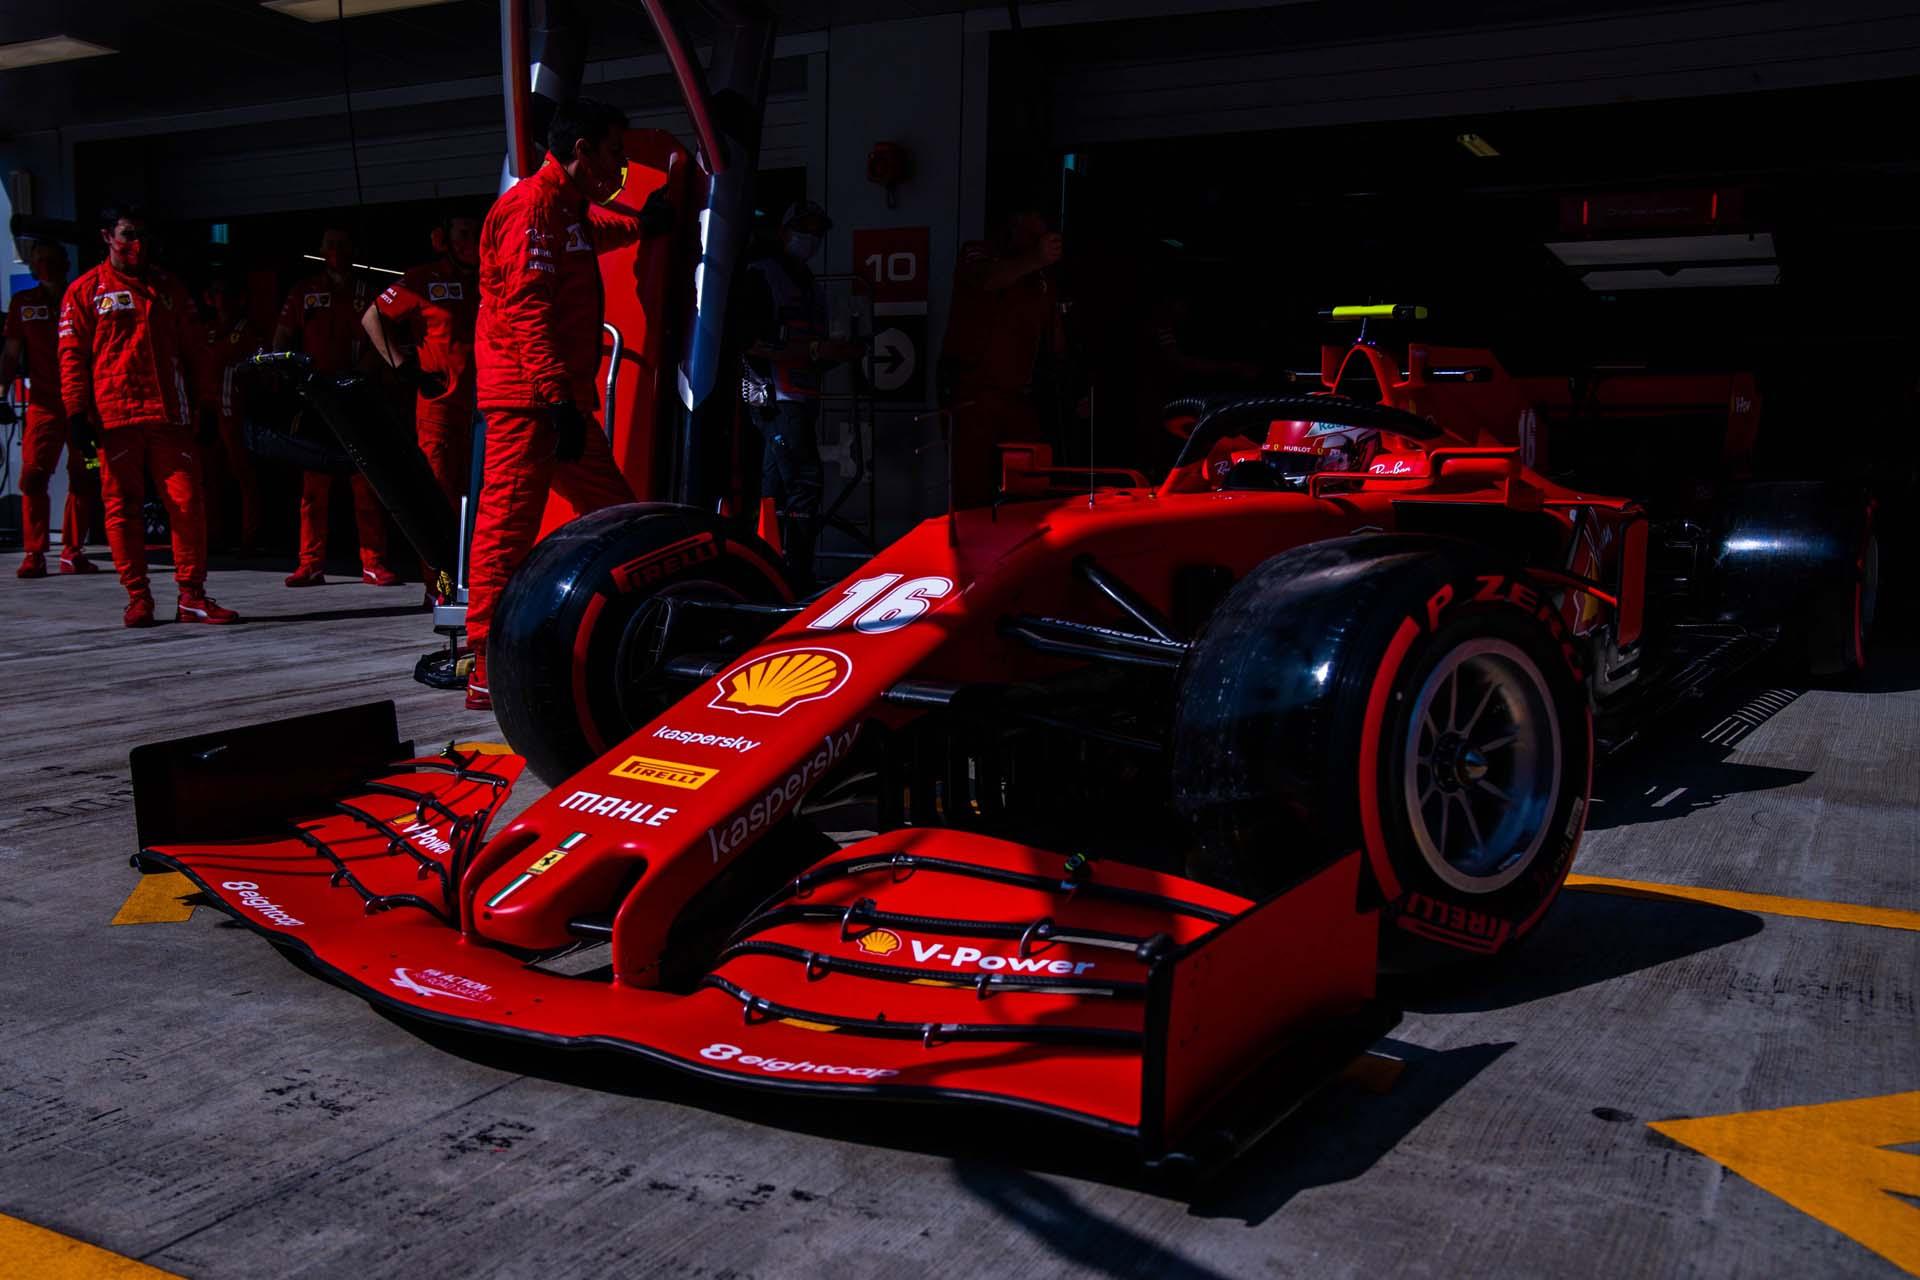 2020RussianGPFriday_Ferrari_20020-russian-gp-friday